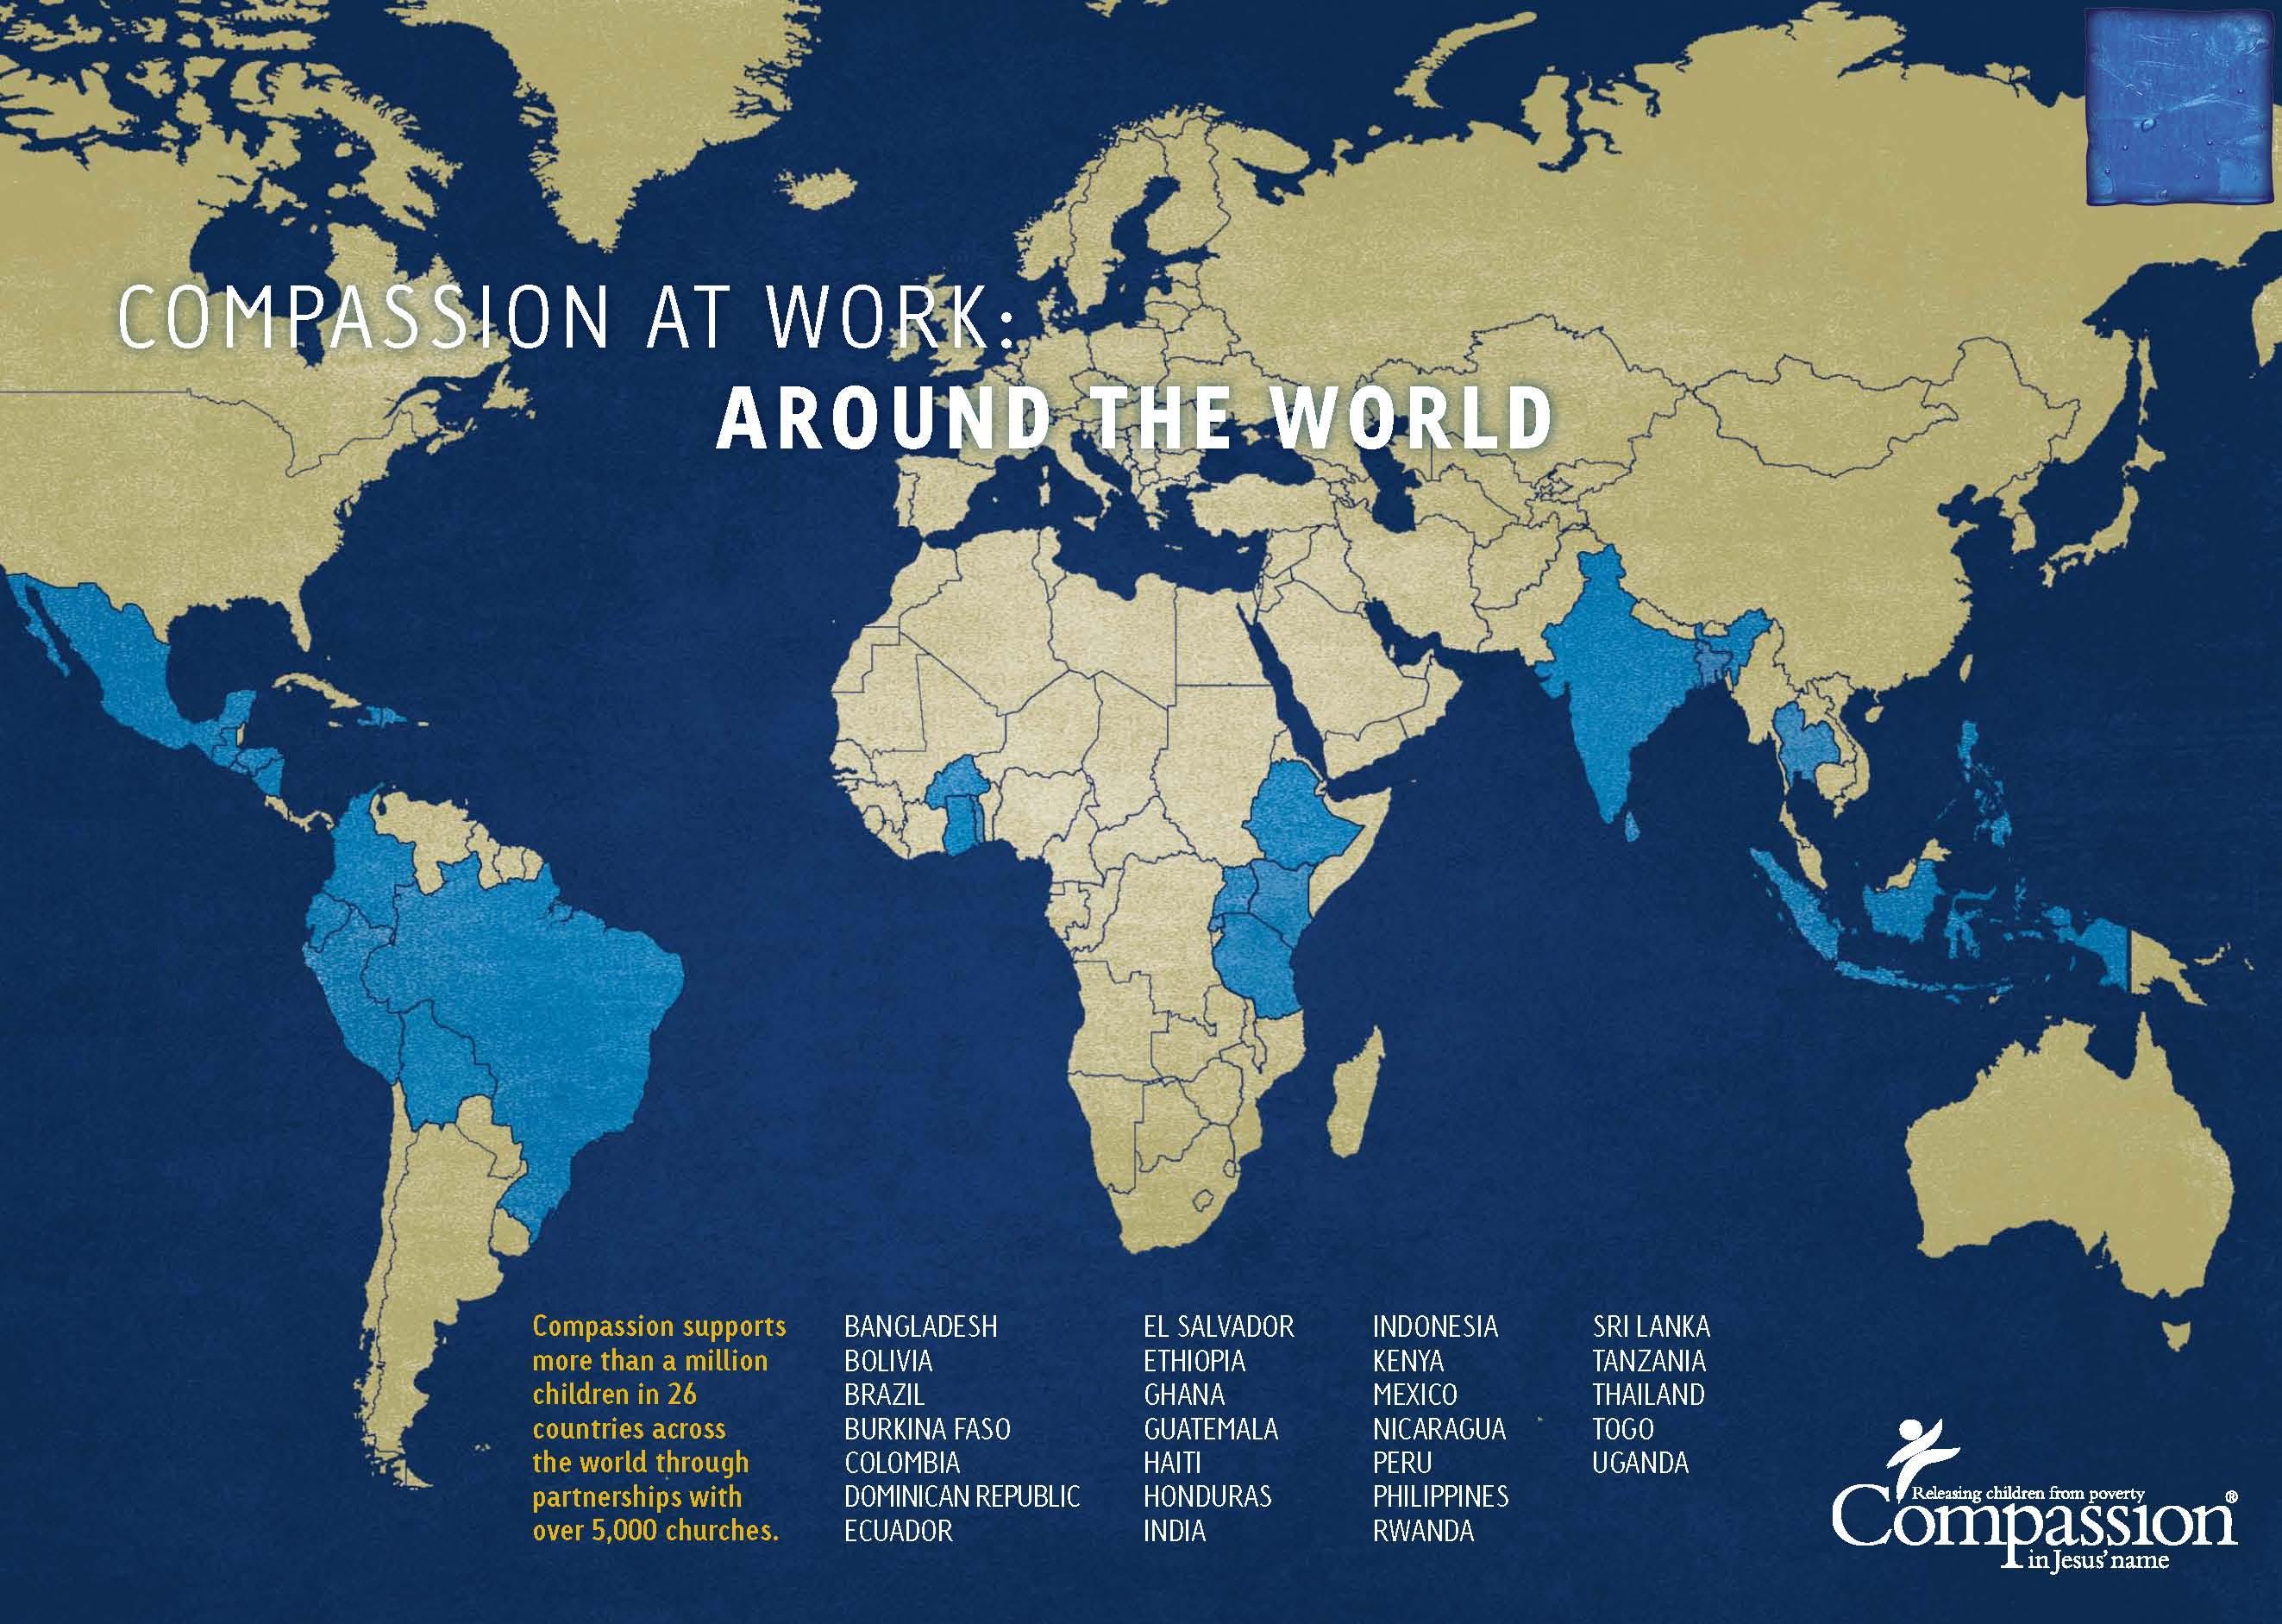 Filecompassion world mapg wikimedia commons filecompassion world mapg gumiabroncs Choice Image